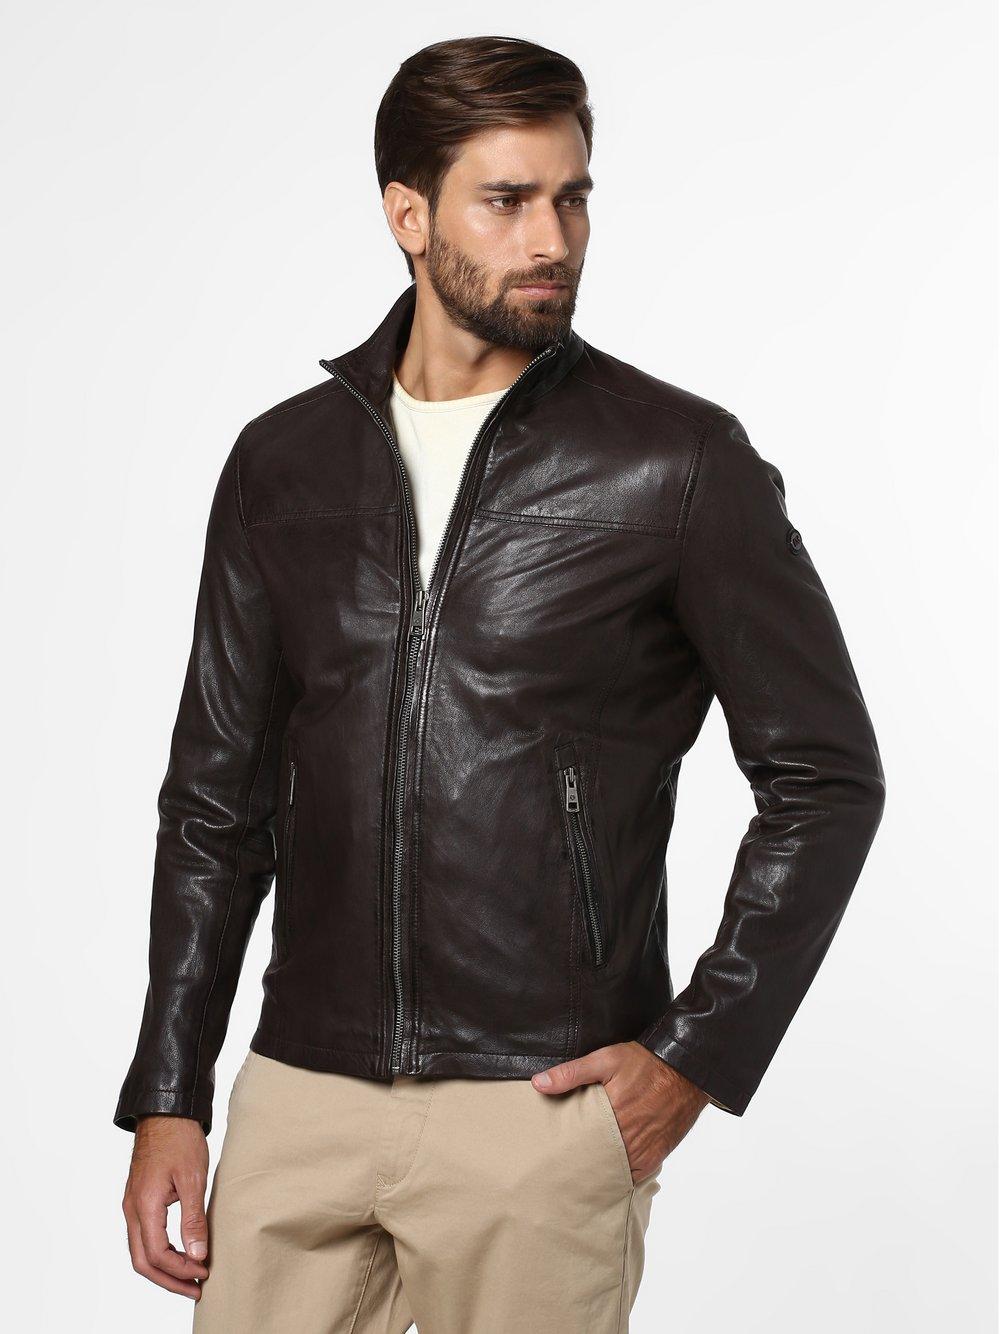 DNR – Męska kurtka skórzana, brązowy Van Graaf 469193-0001-00580